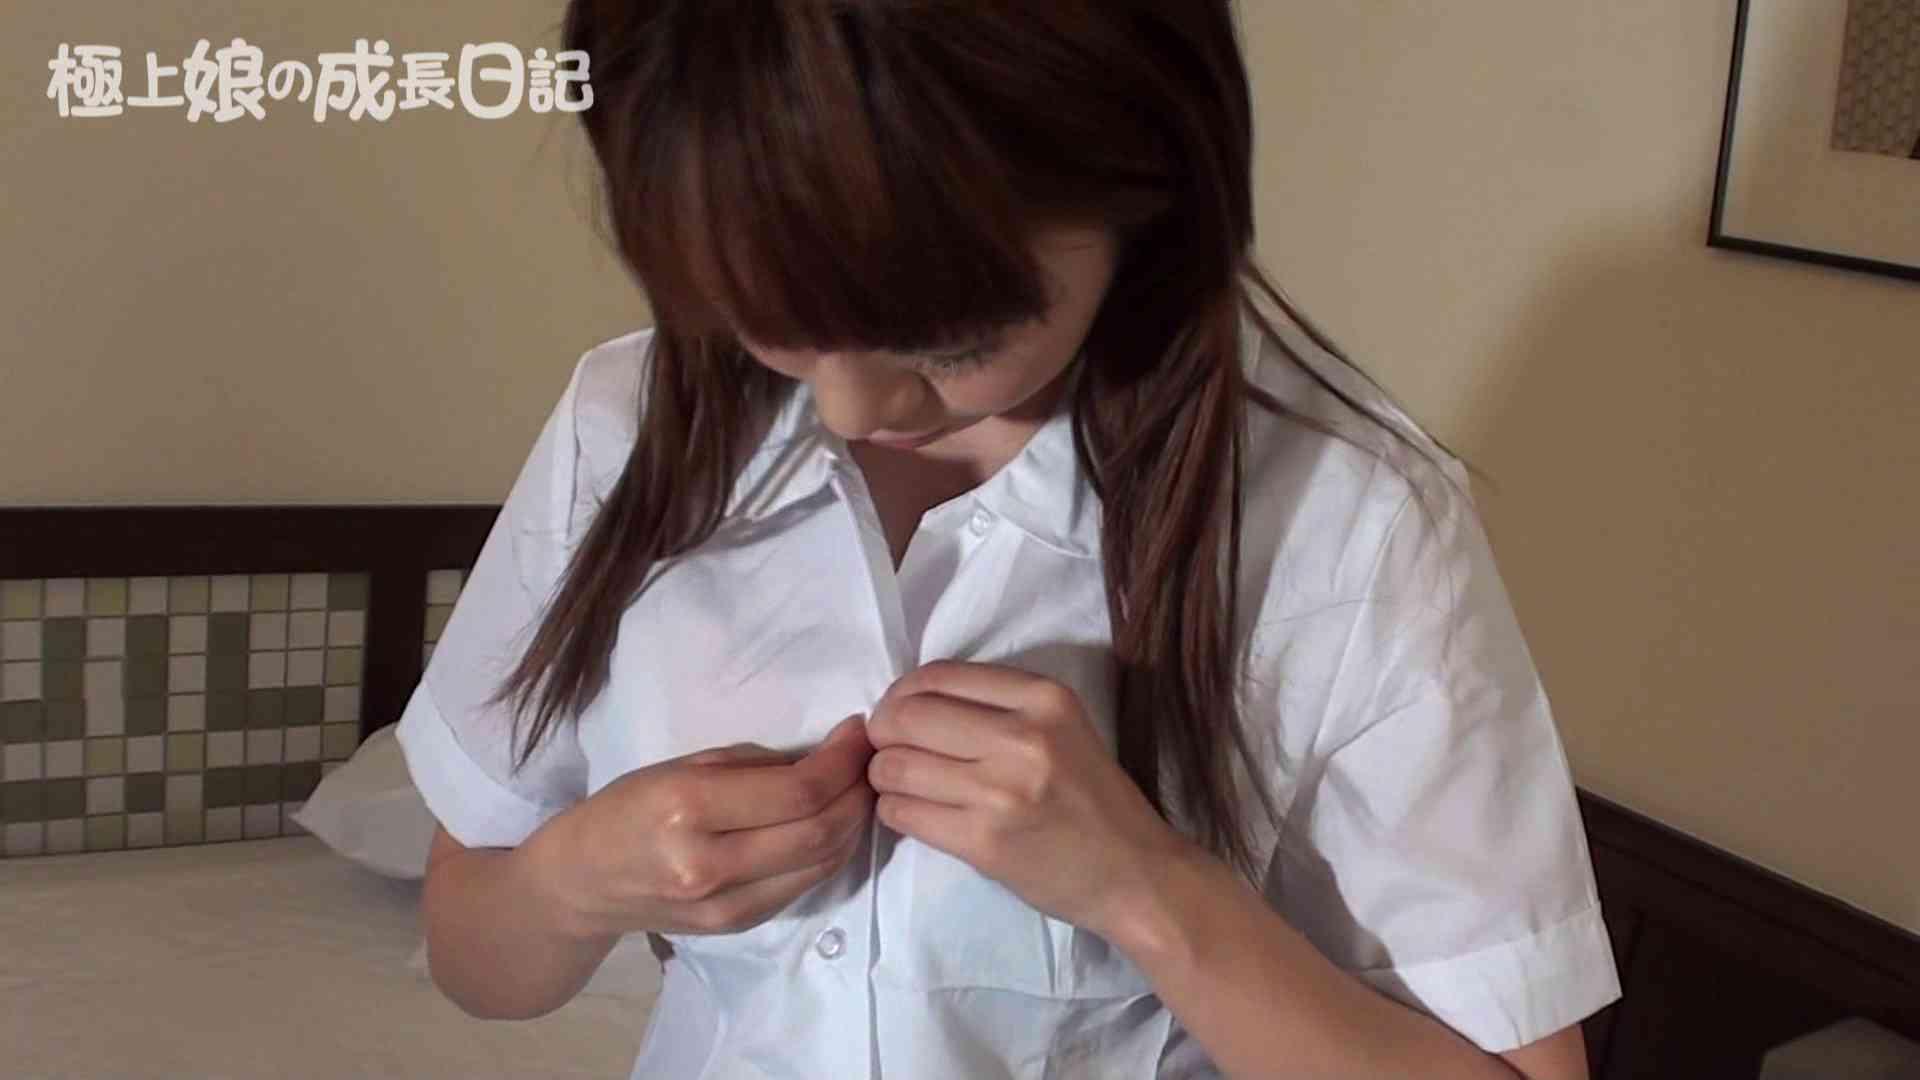 極上素人嬢の成長日記 コスプレオナニー編 制服  106連発 8